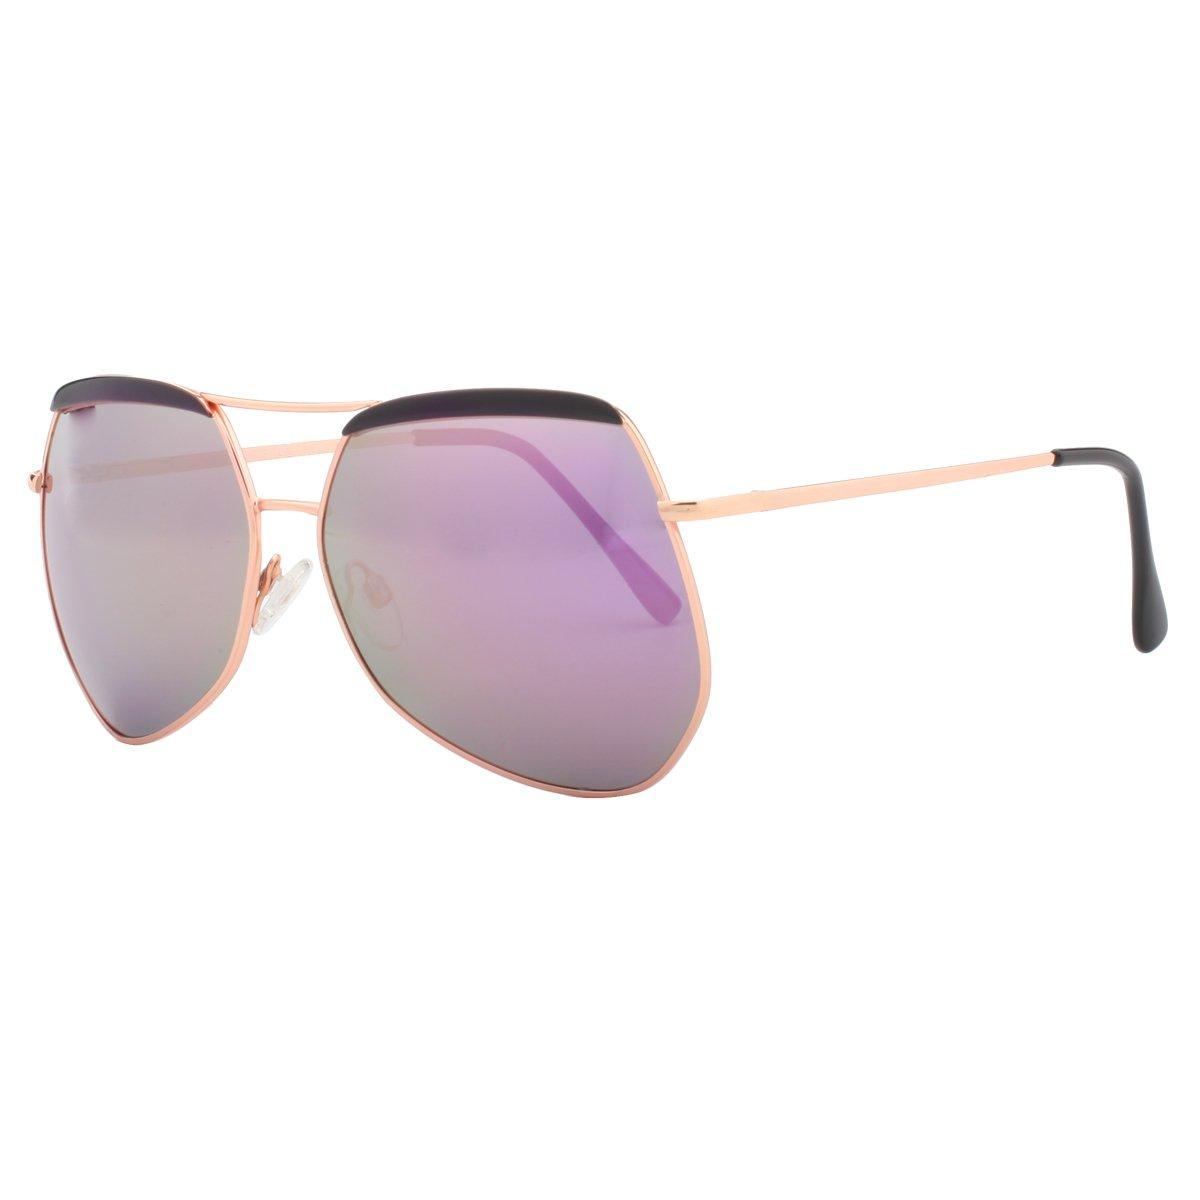 Vivienfang polígono de gran tamaño gafas de sol Cejas Top ...